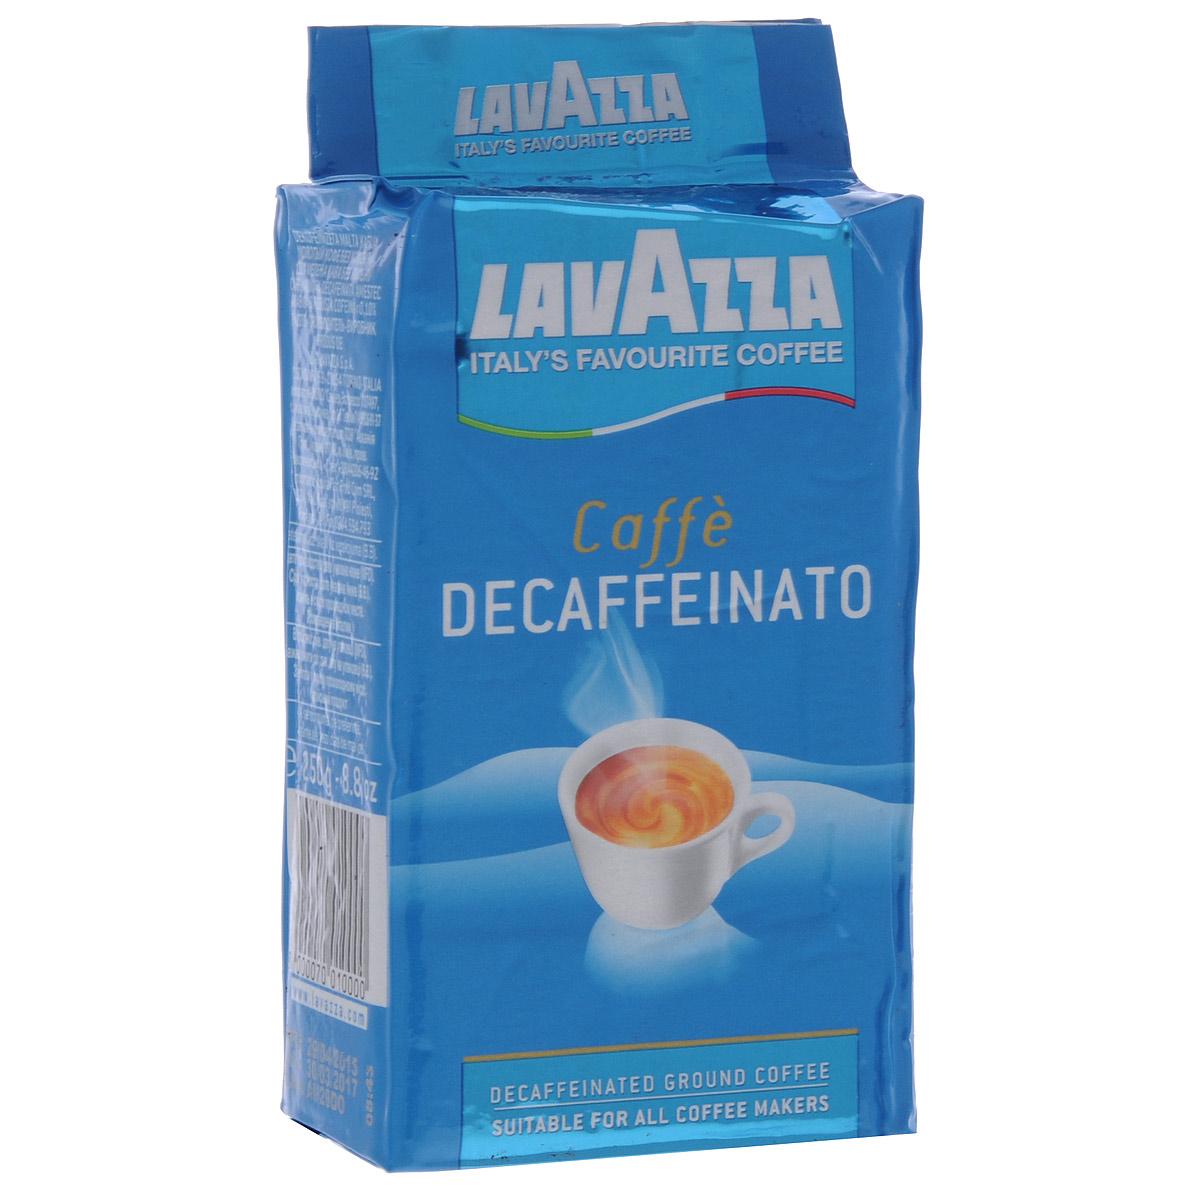 Lavazza Decaffeinato кофе молотый, 250 г (в/у)0120710Lavazza Decaffeinato - бодрящий напиток без кофеина. Он изготовлен из лучших сортов азиатской робусты и бразильской арабики. Нежный вкус и яркий аромат молотого кофе Lavazza Decaffeinato придадут бодрости и сил. Настоящая находка для тех кто ищет кофе без кофеина,c безупречным качеством Lavazza!